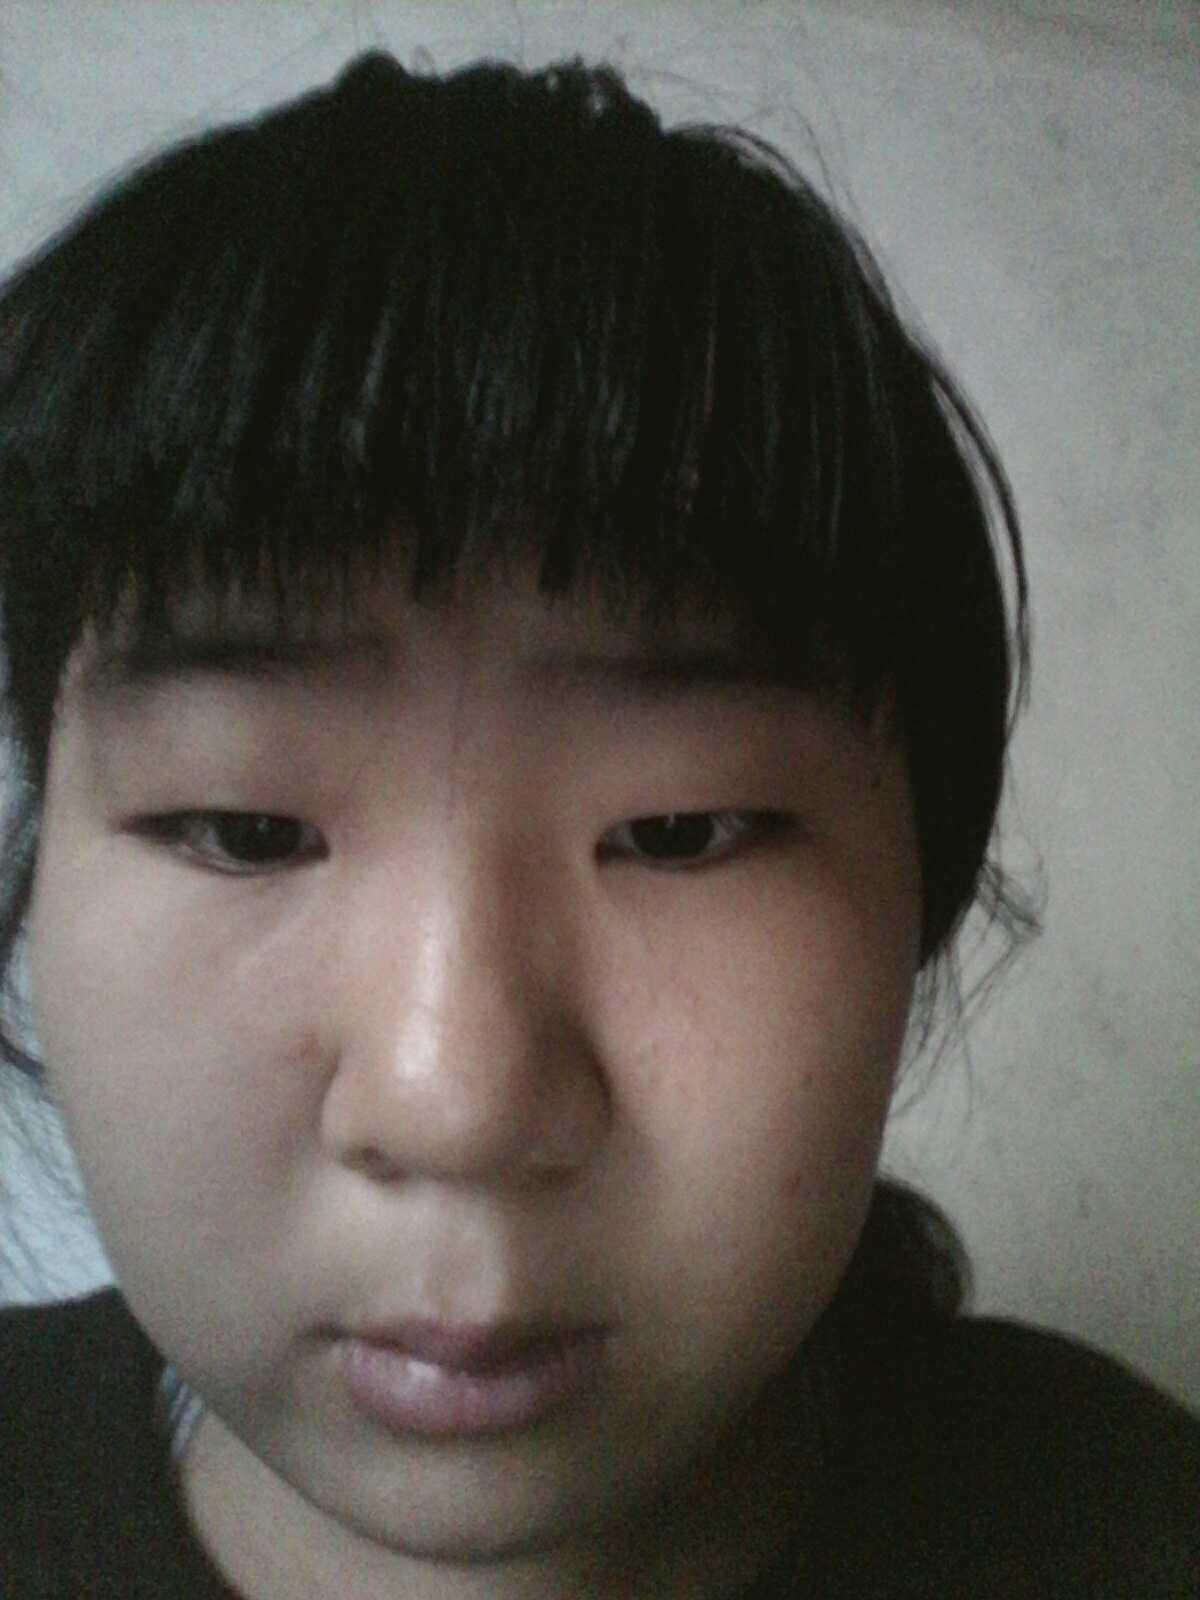 韩式三点和全切的区别怎么区分,切开割双眼皮还是韩式三点双眼皮